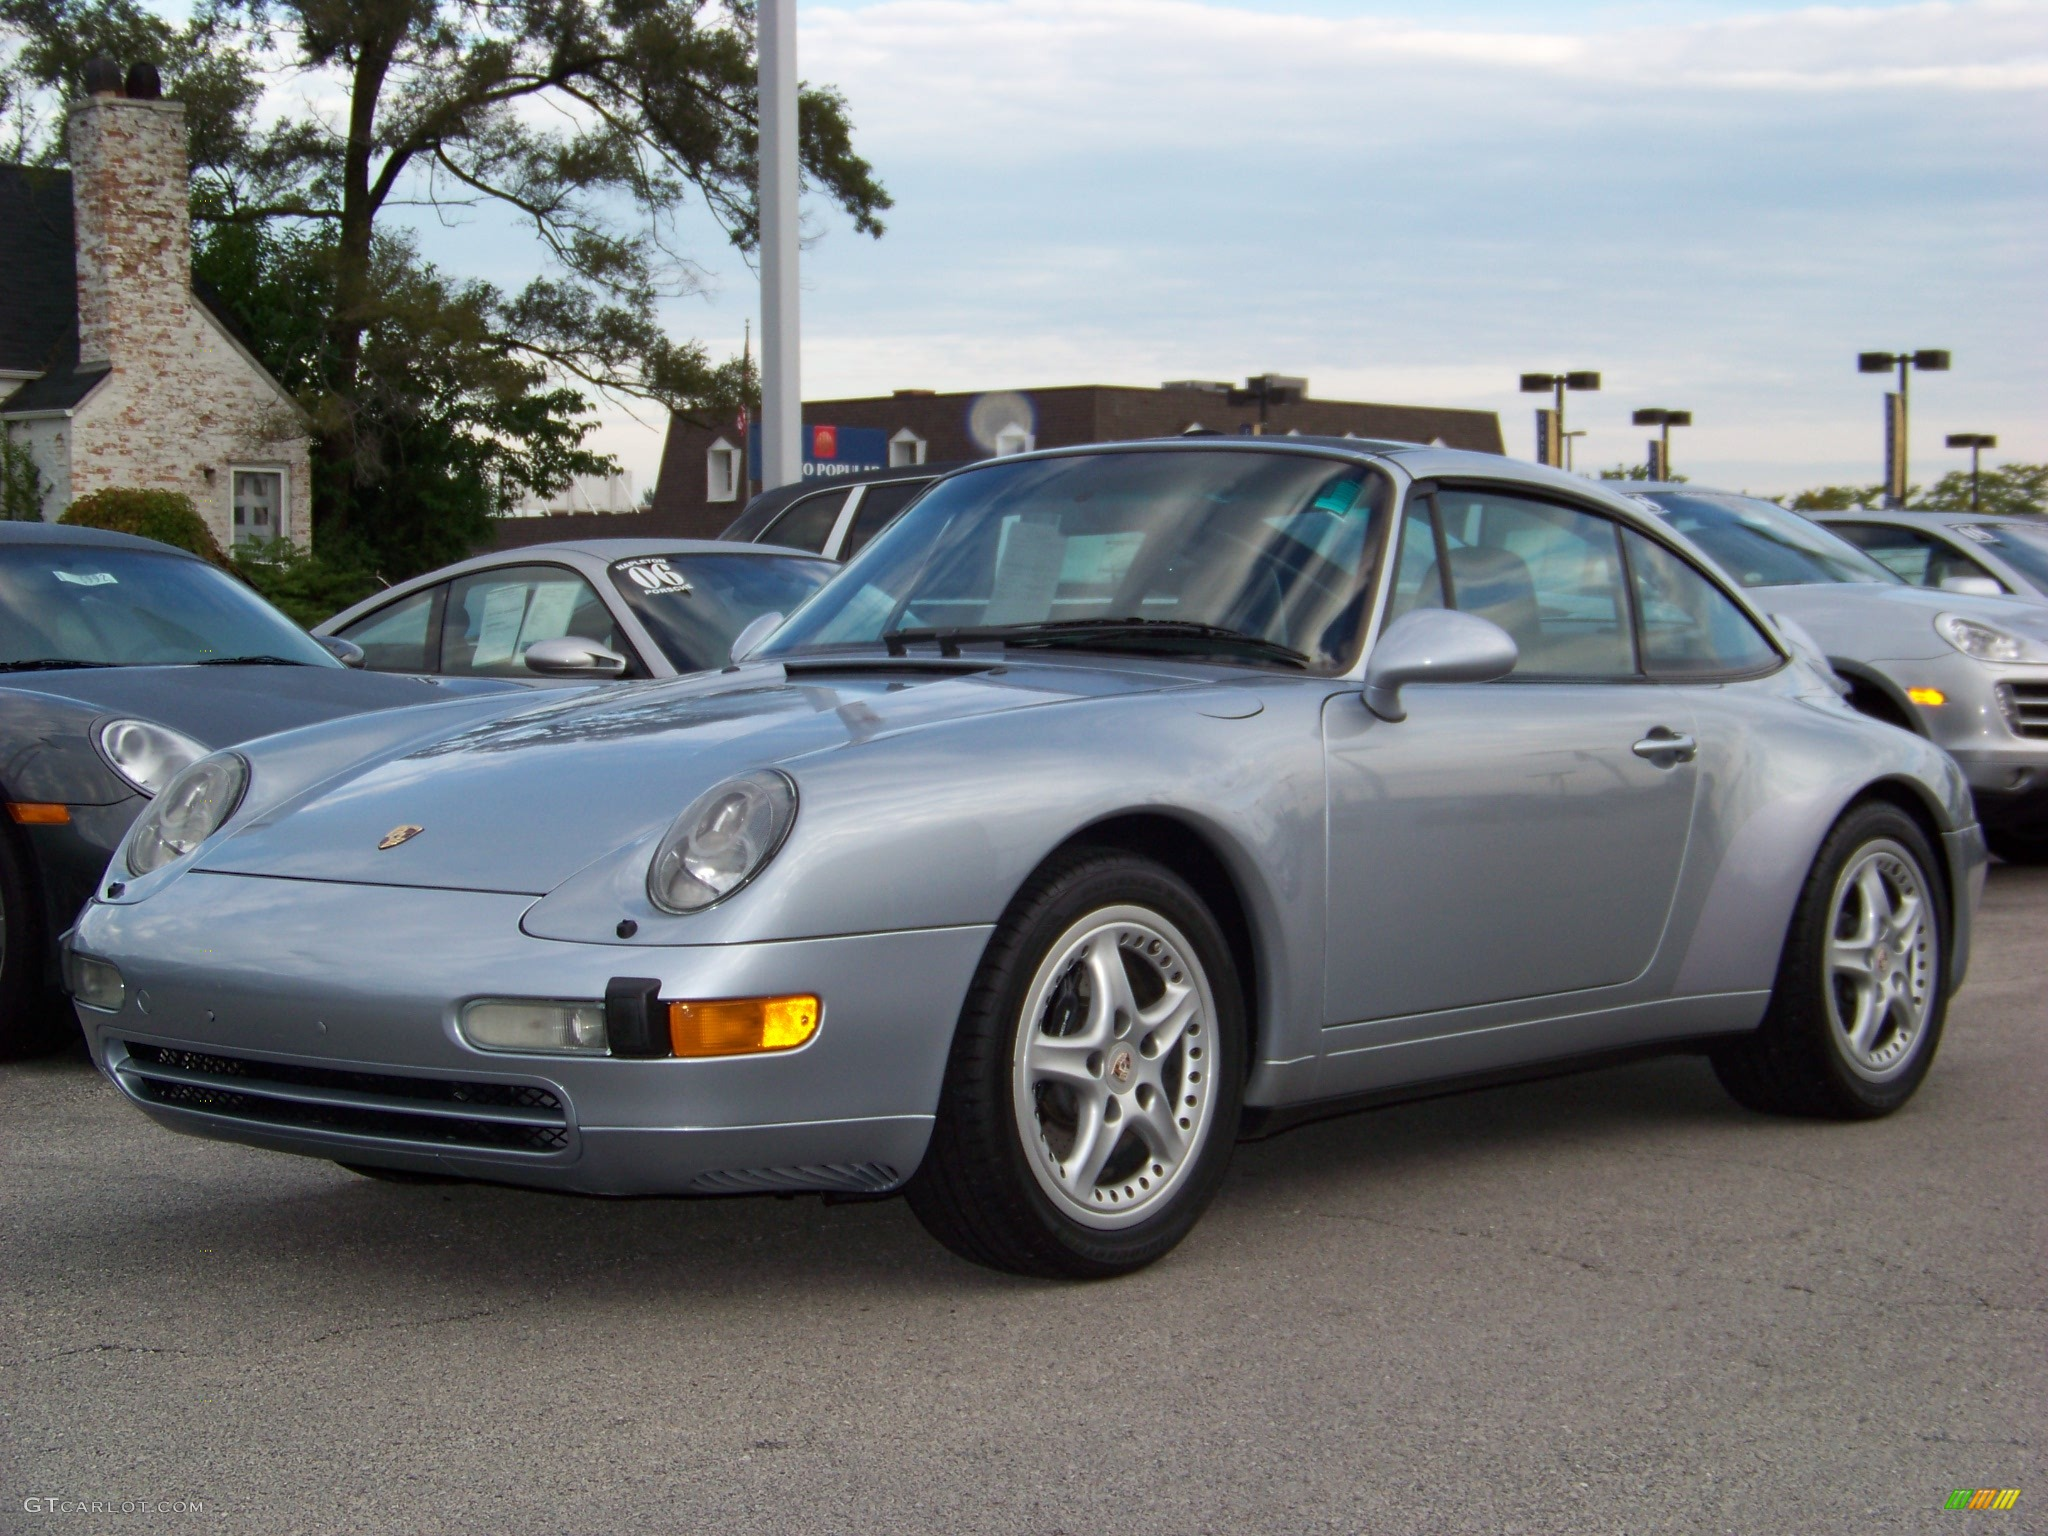 1996 Silver Porsche 911 993 Targa 257092 Gtcarlot Com